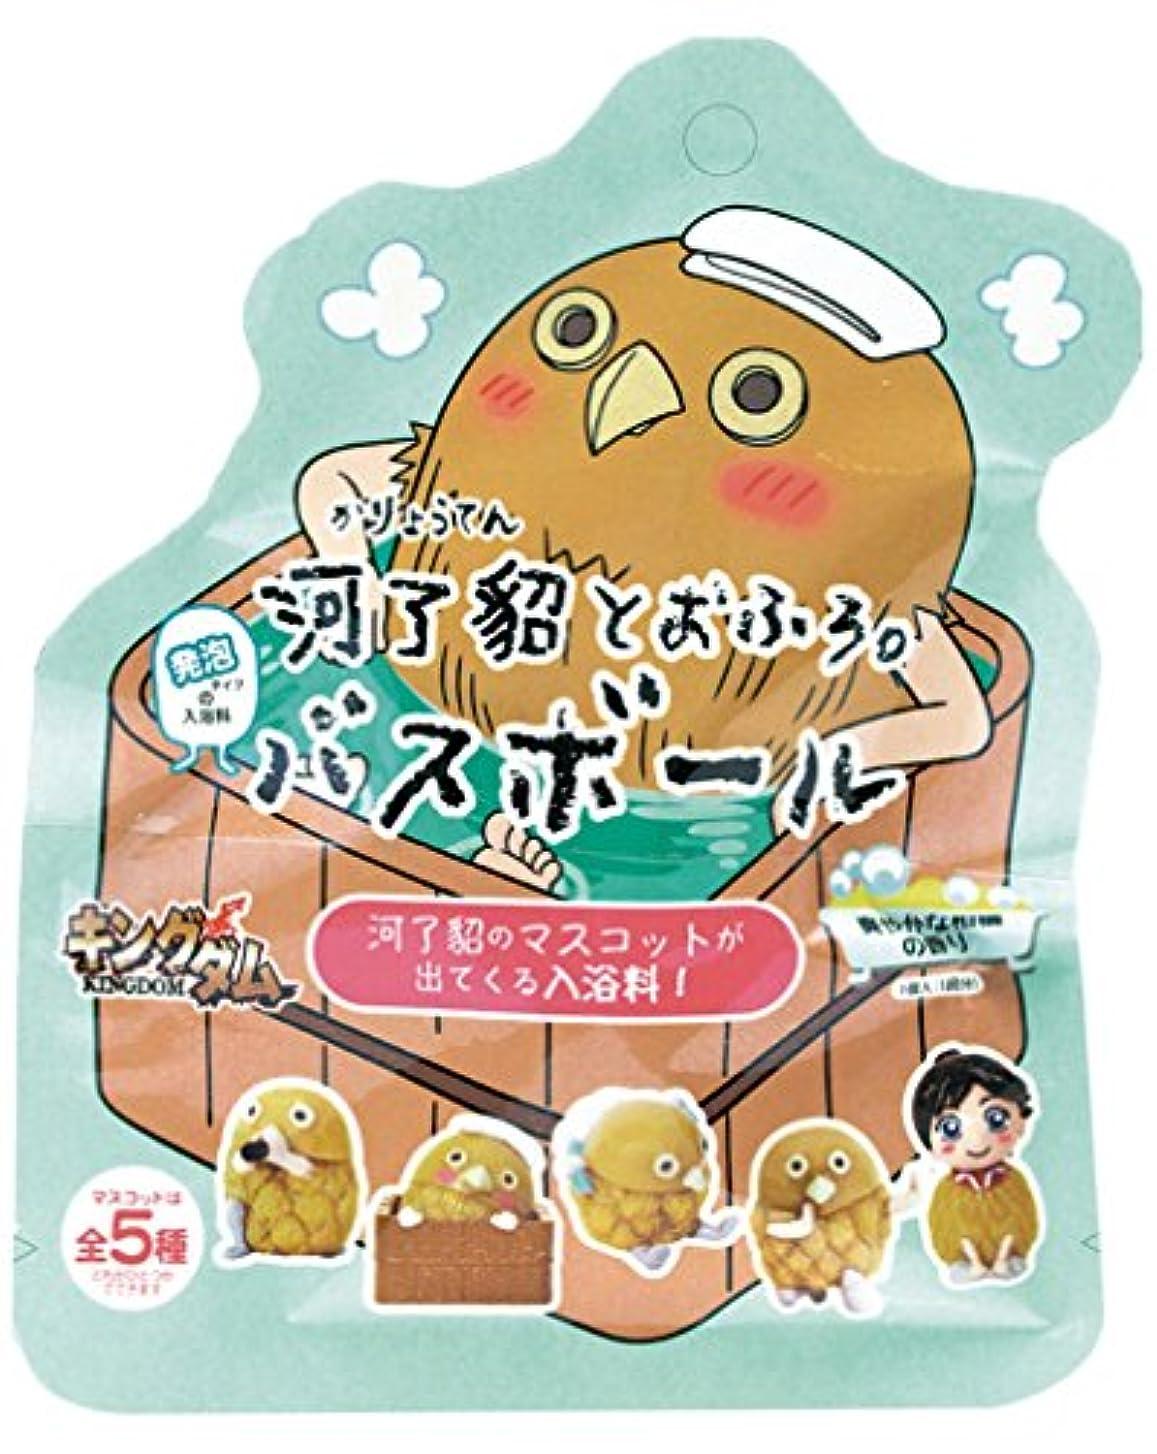 急流住所クロスキングダム 入浴剤 バスボール 柑橘の香り 60g マスコット入り OB-GMB-1-1